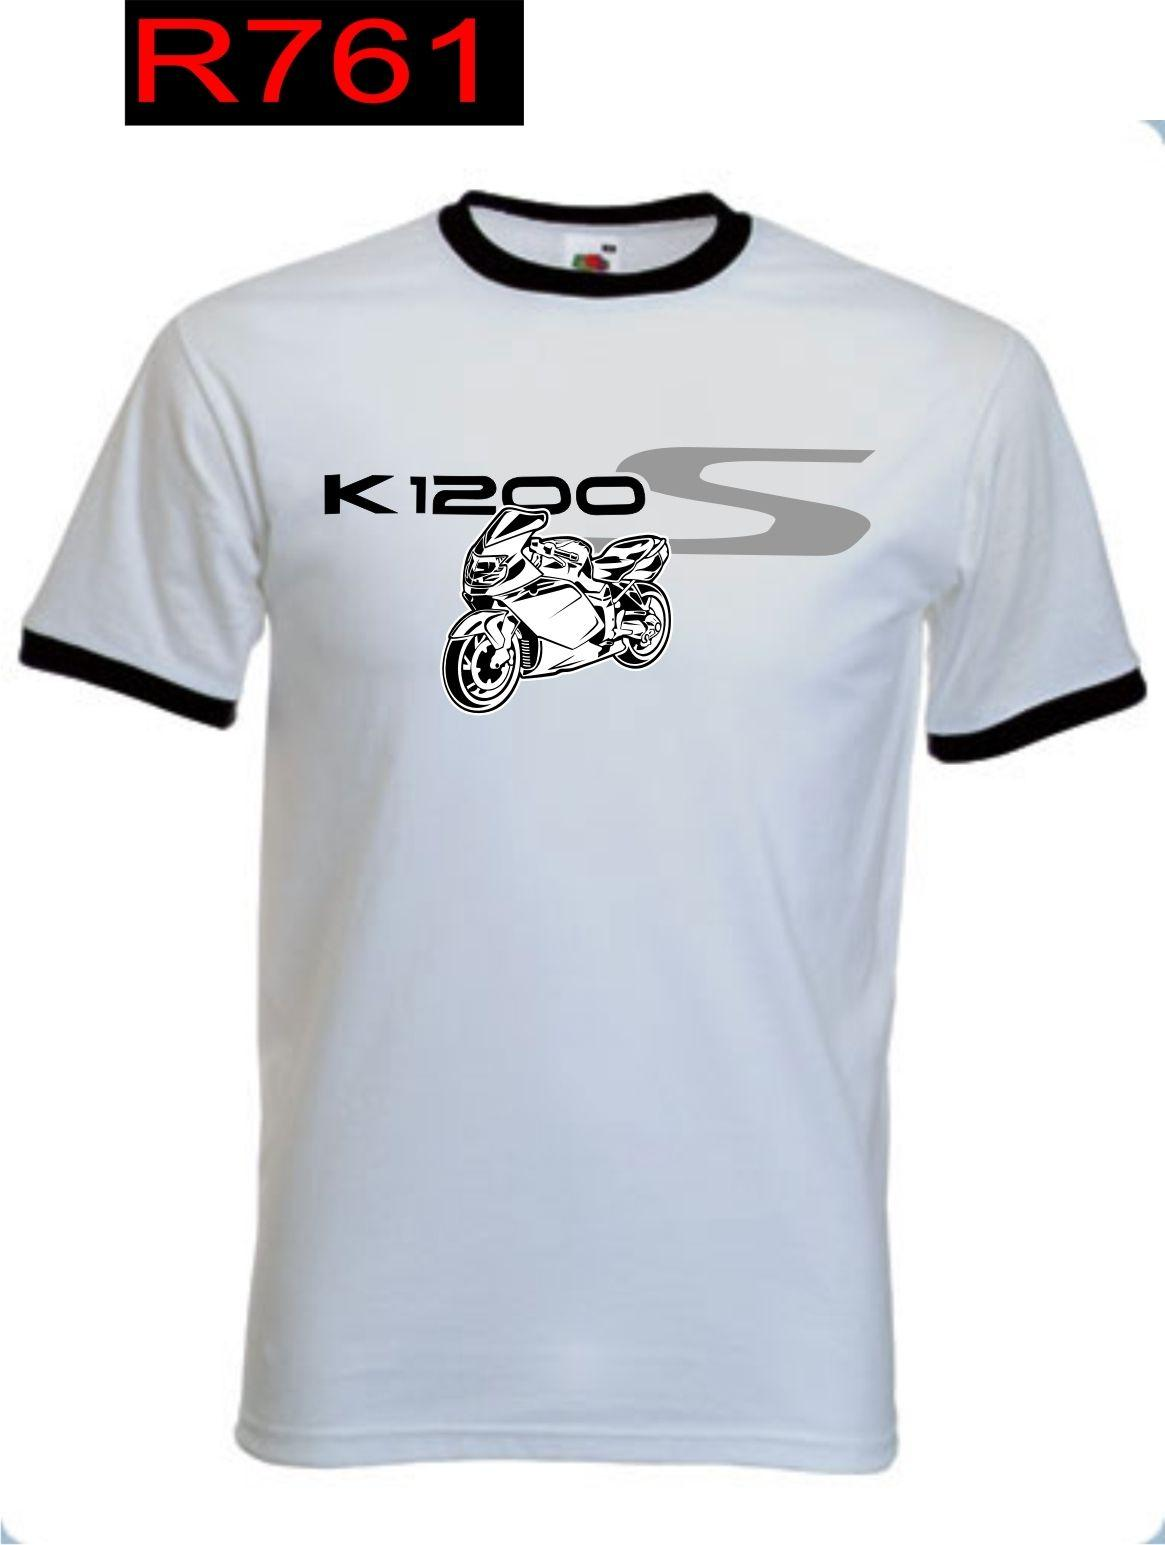 2019 Disegni Mens Tshirt Top fredda di estate Fans divertente Moto Classic Tedesco Moto K 1200 K1200 S K1200S Jersey design Una Camicia